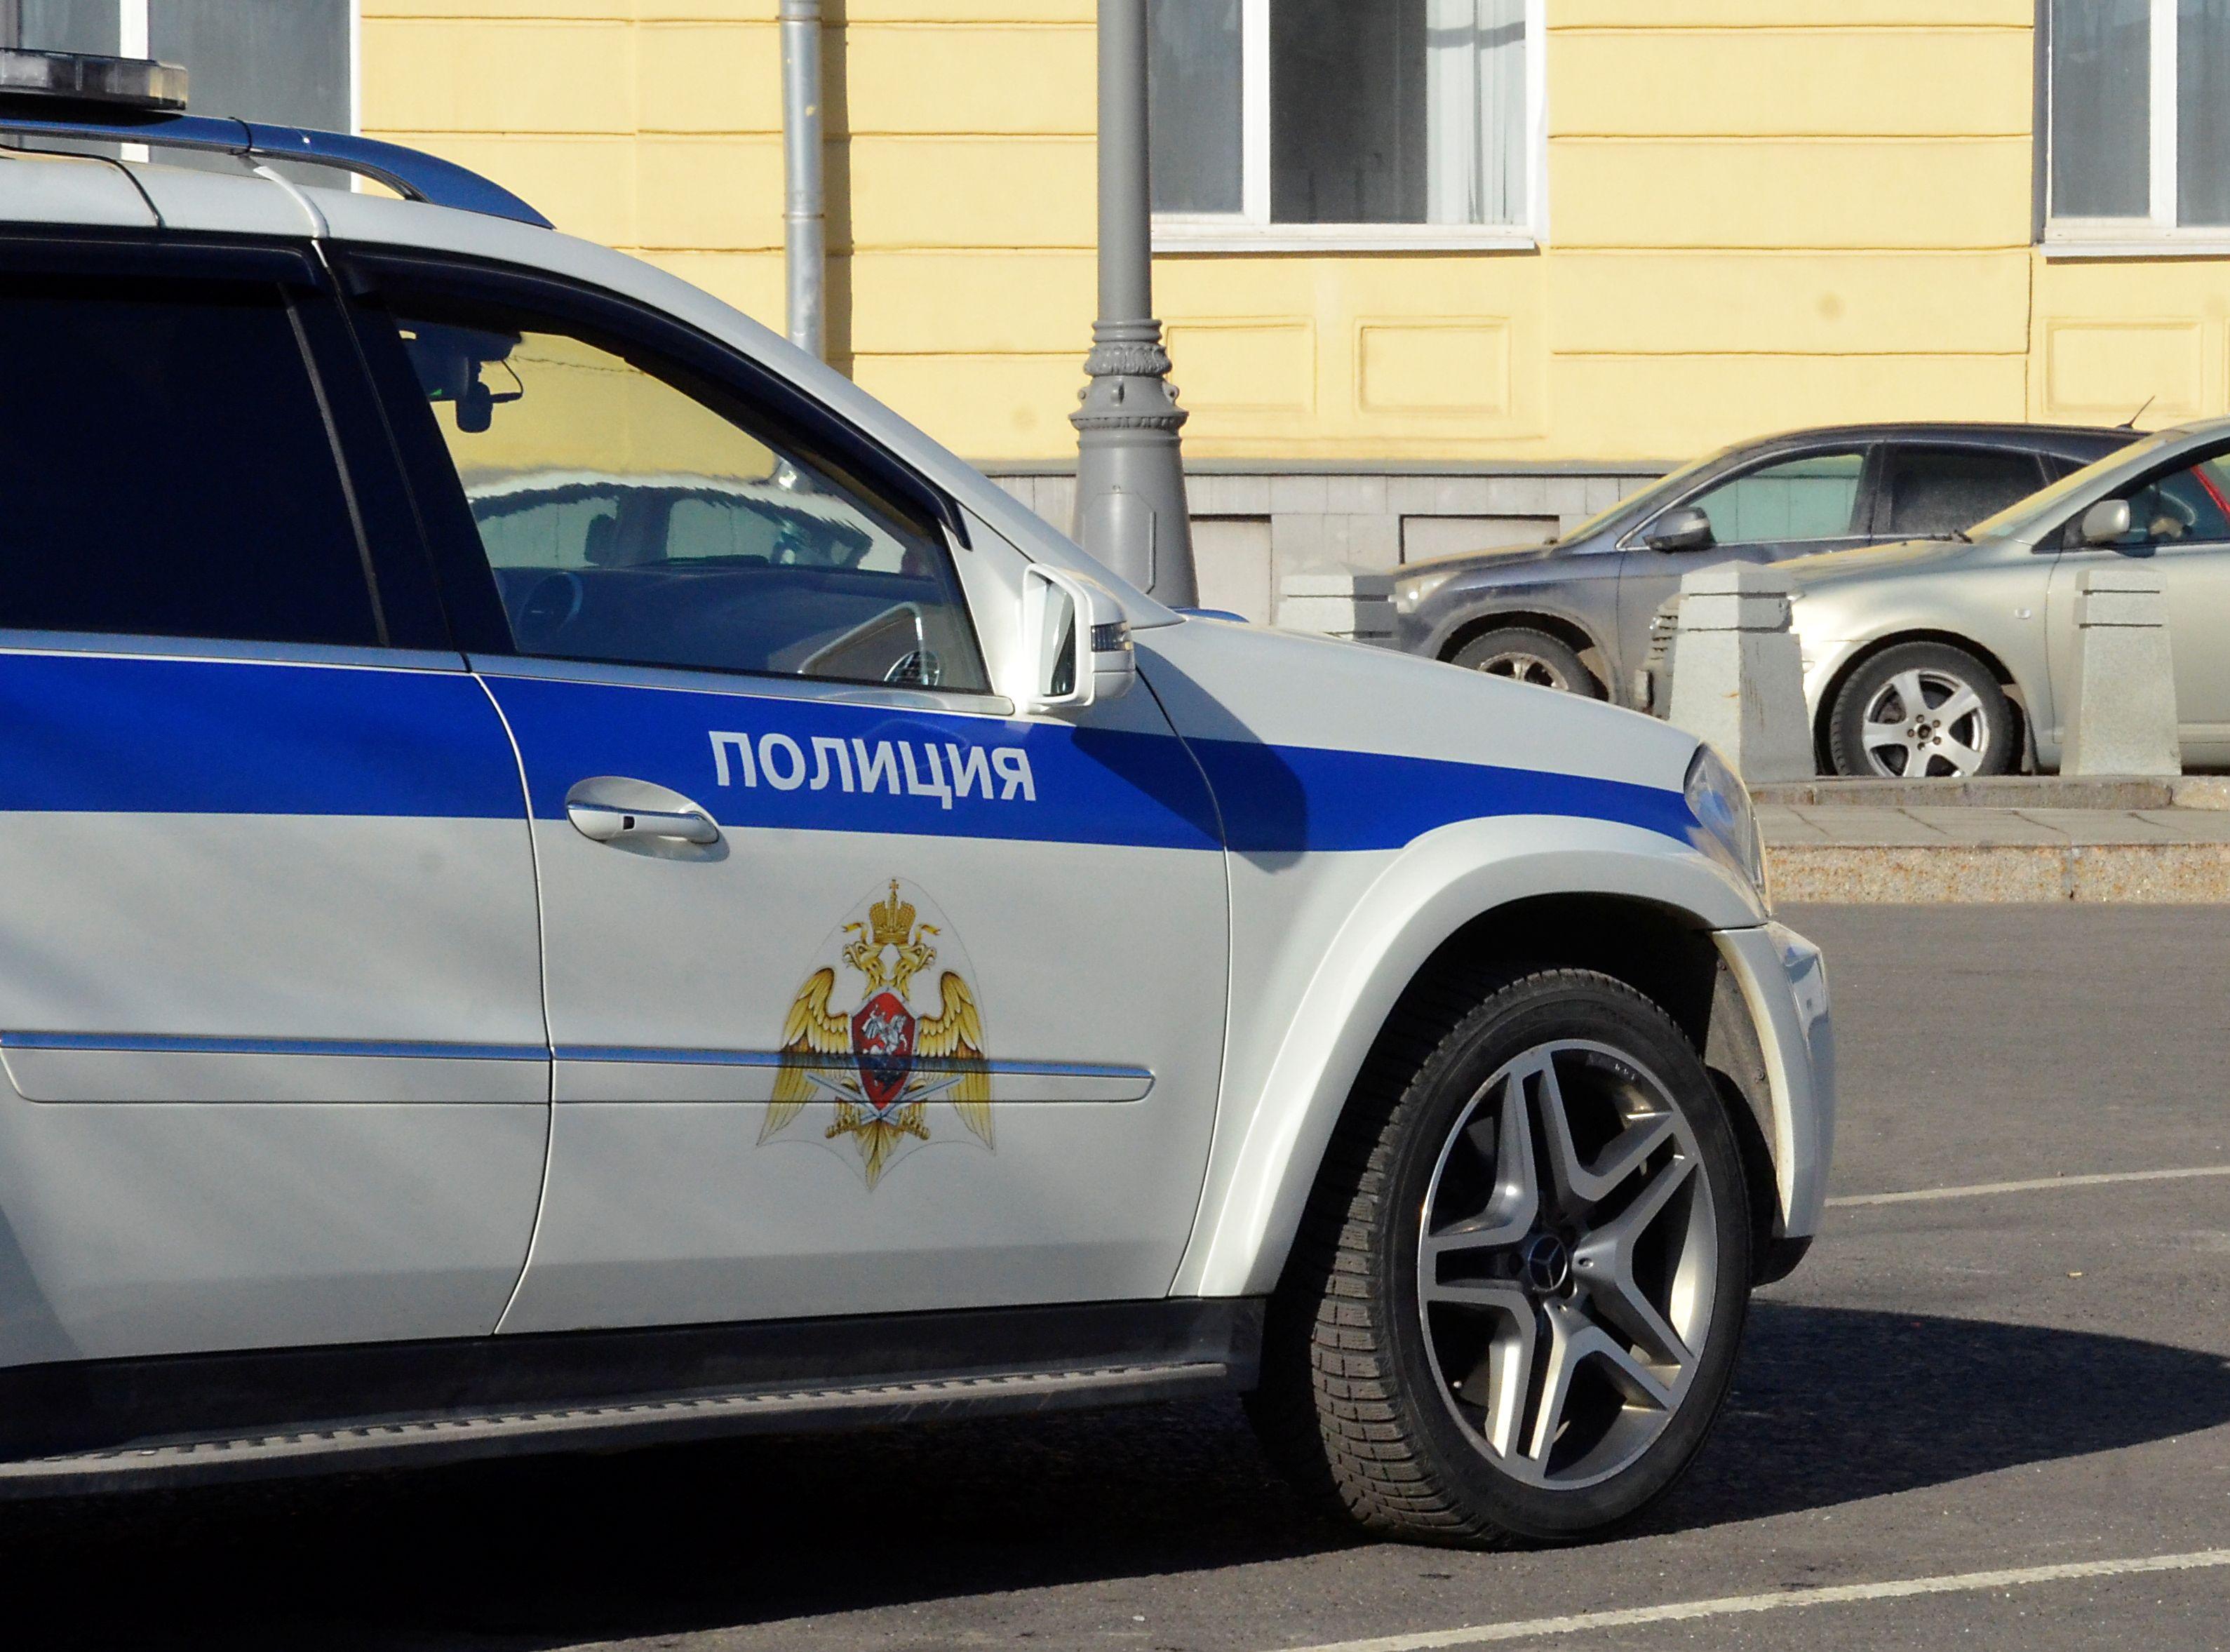 В районе Бирюлево Восточное полицейскими задержан подозреваемый в угрозе убийством